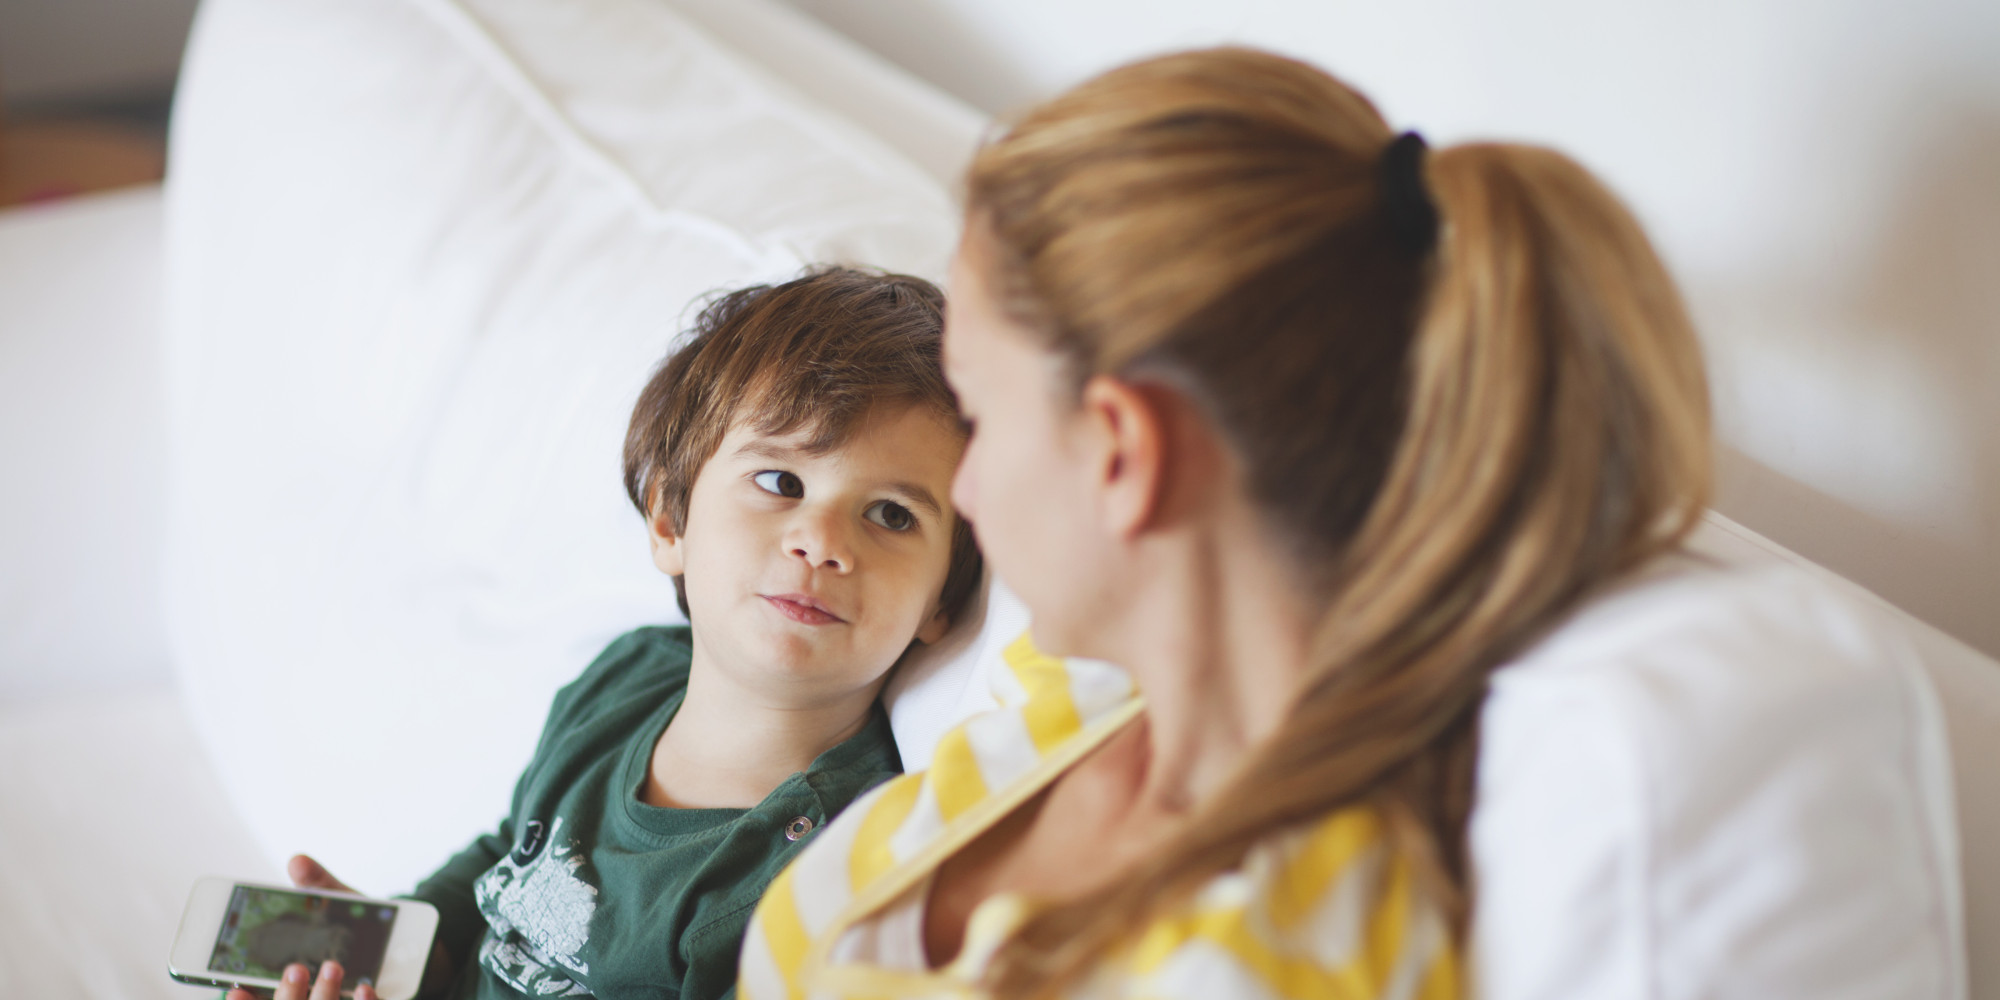 Stief Daddy benutzt in abwesenheit der Mutter seine Tochter